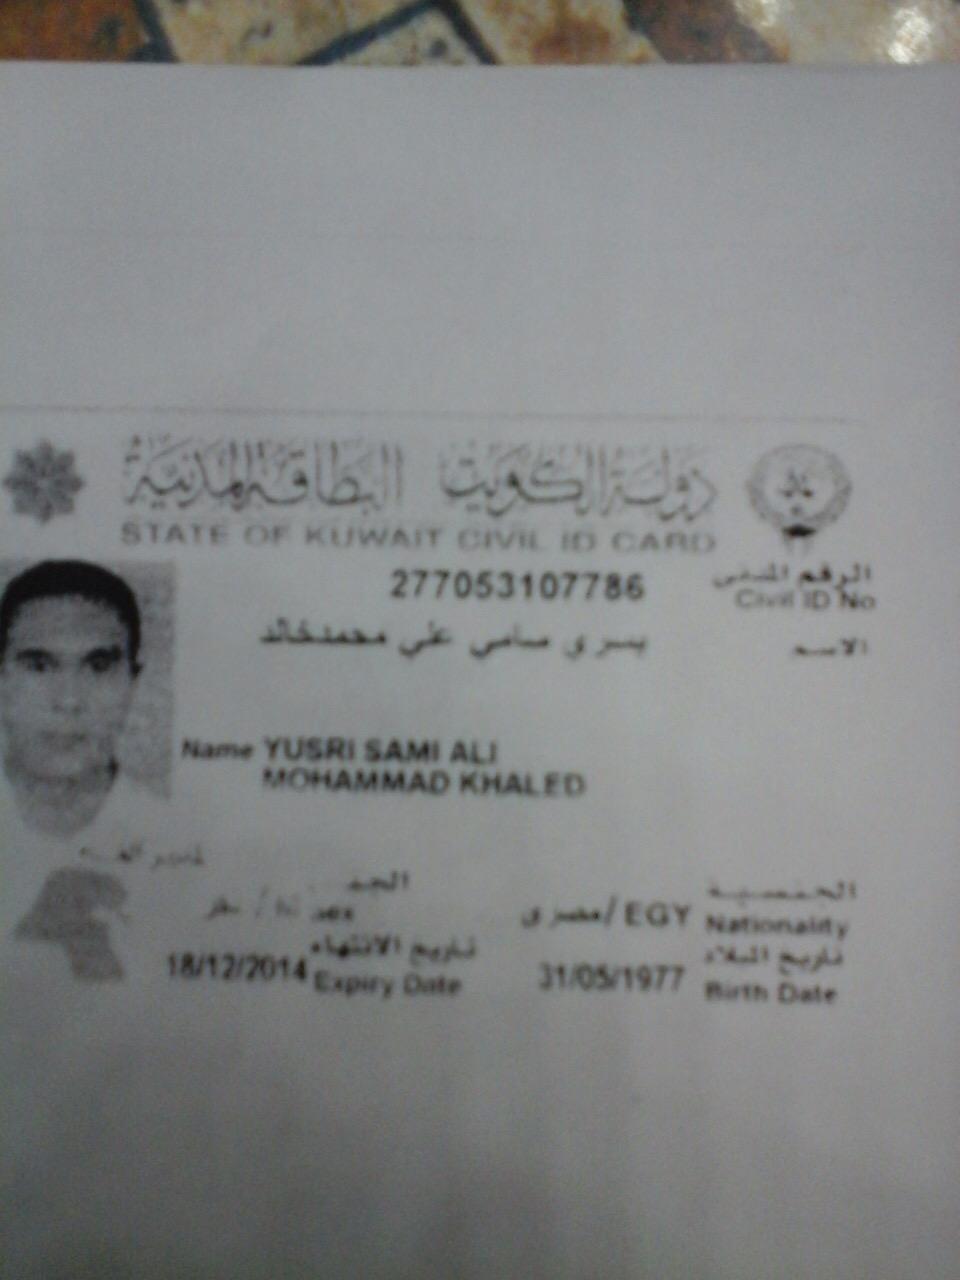 مواطنة تناشد الخارجية التدخل للإفراج عن زوجها المحتجز في الكويت